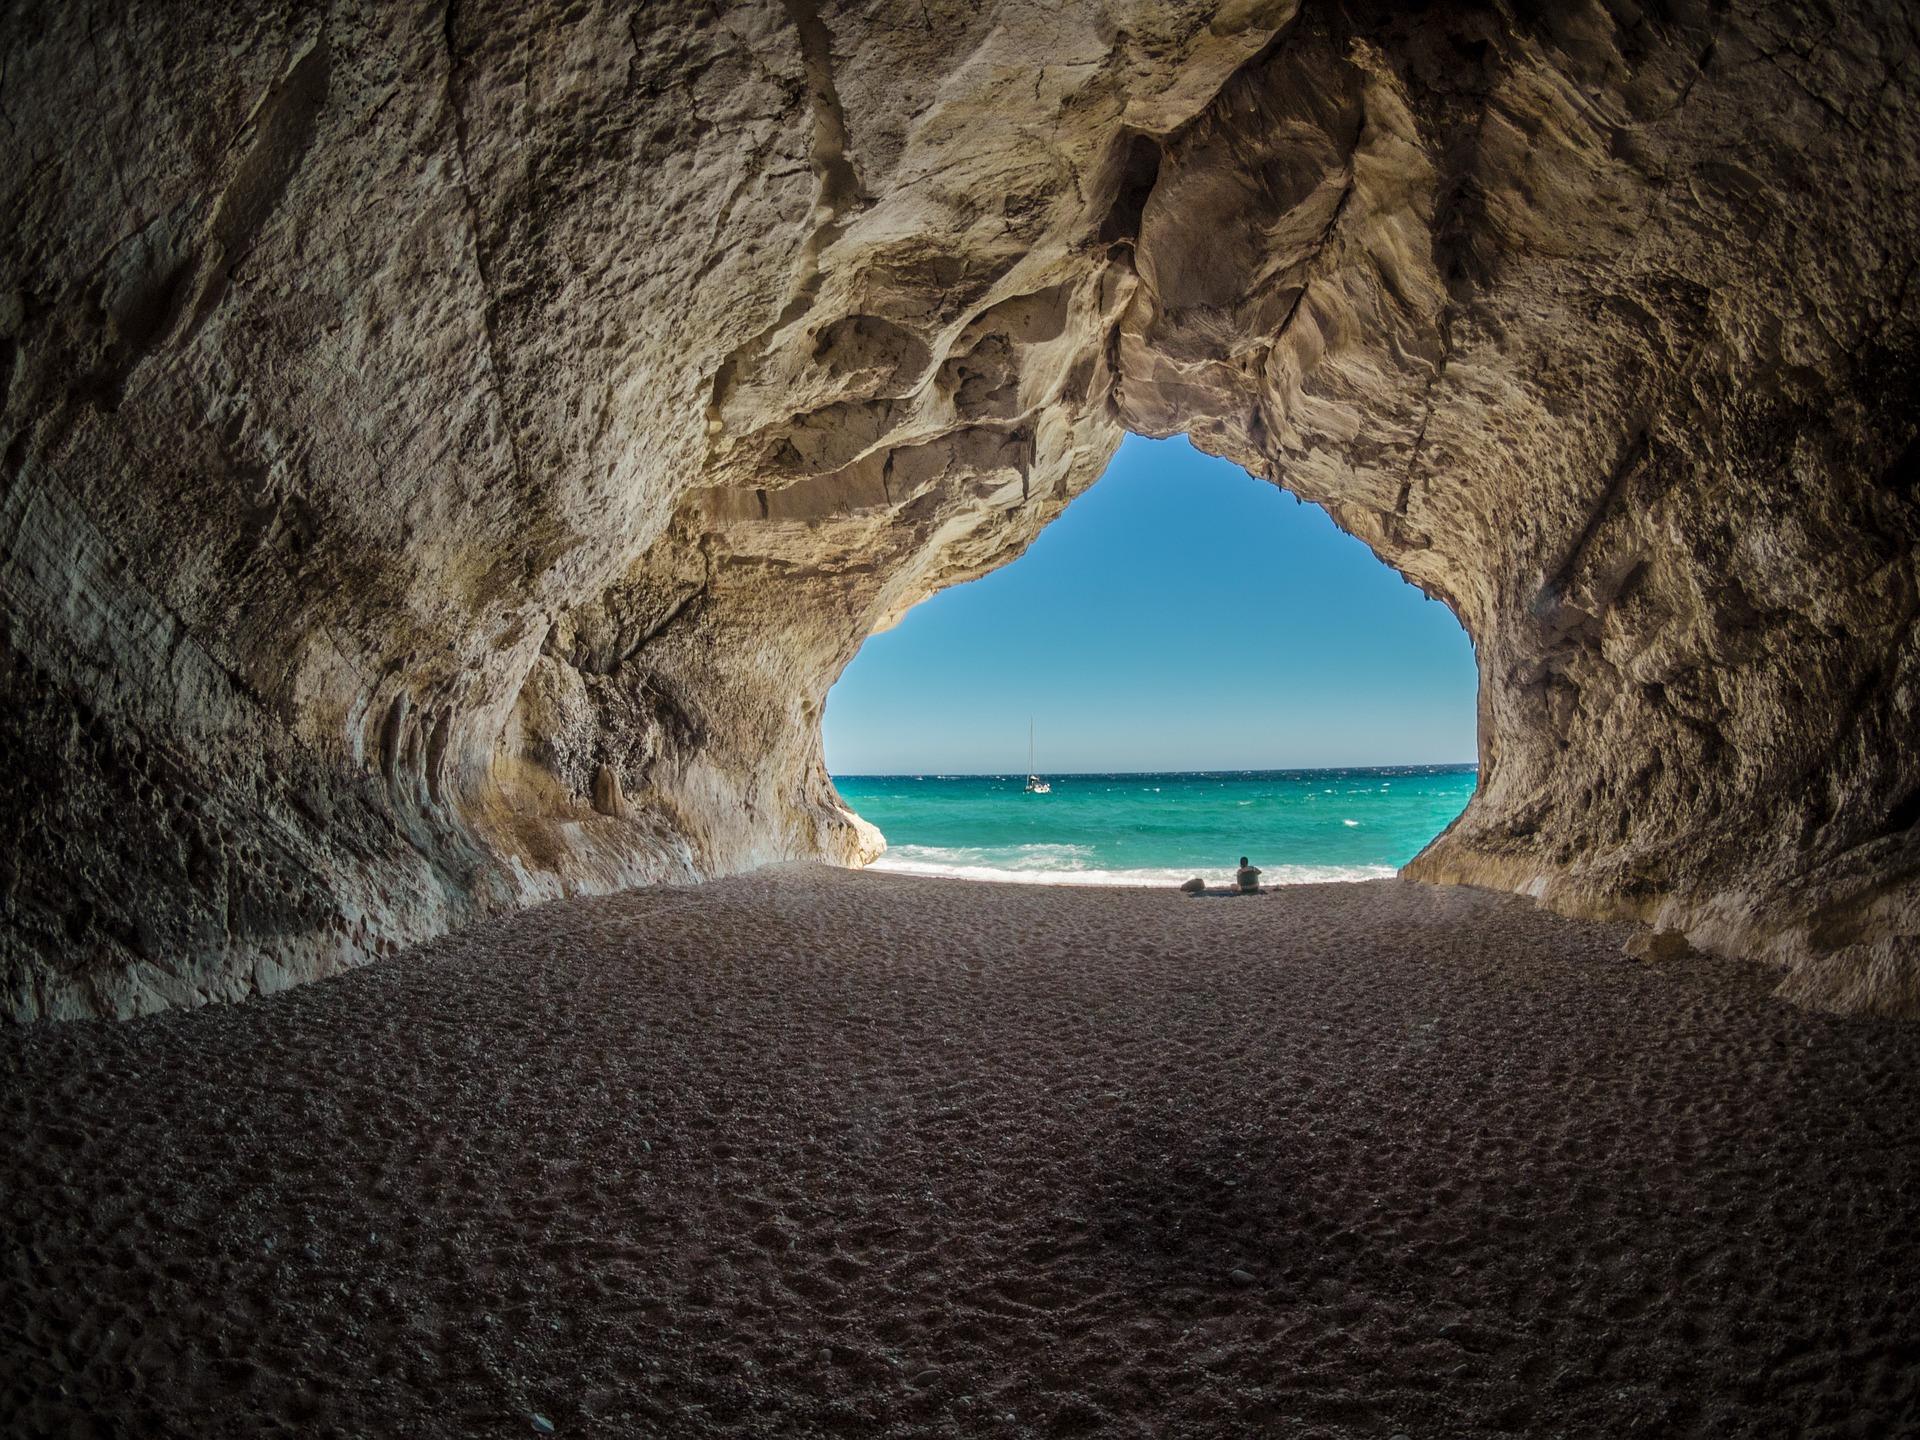 una cueva con una playa al final